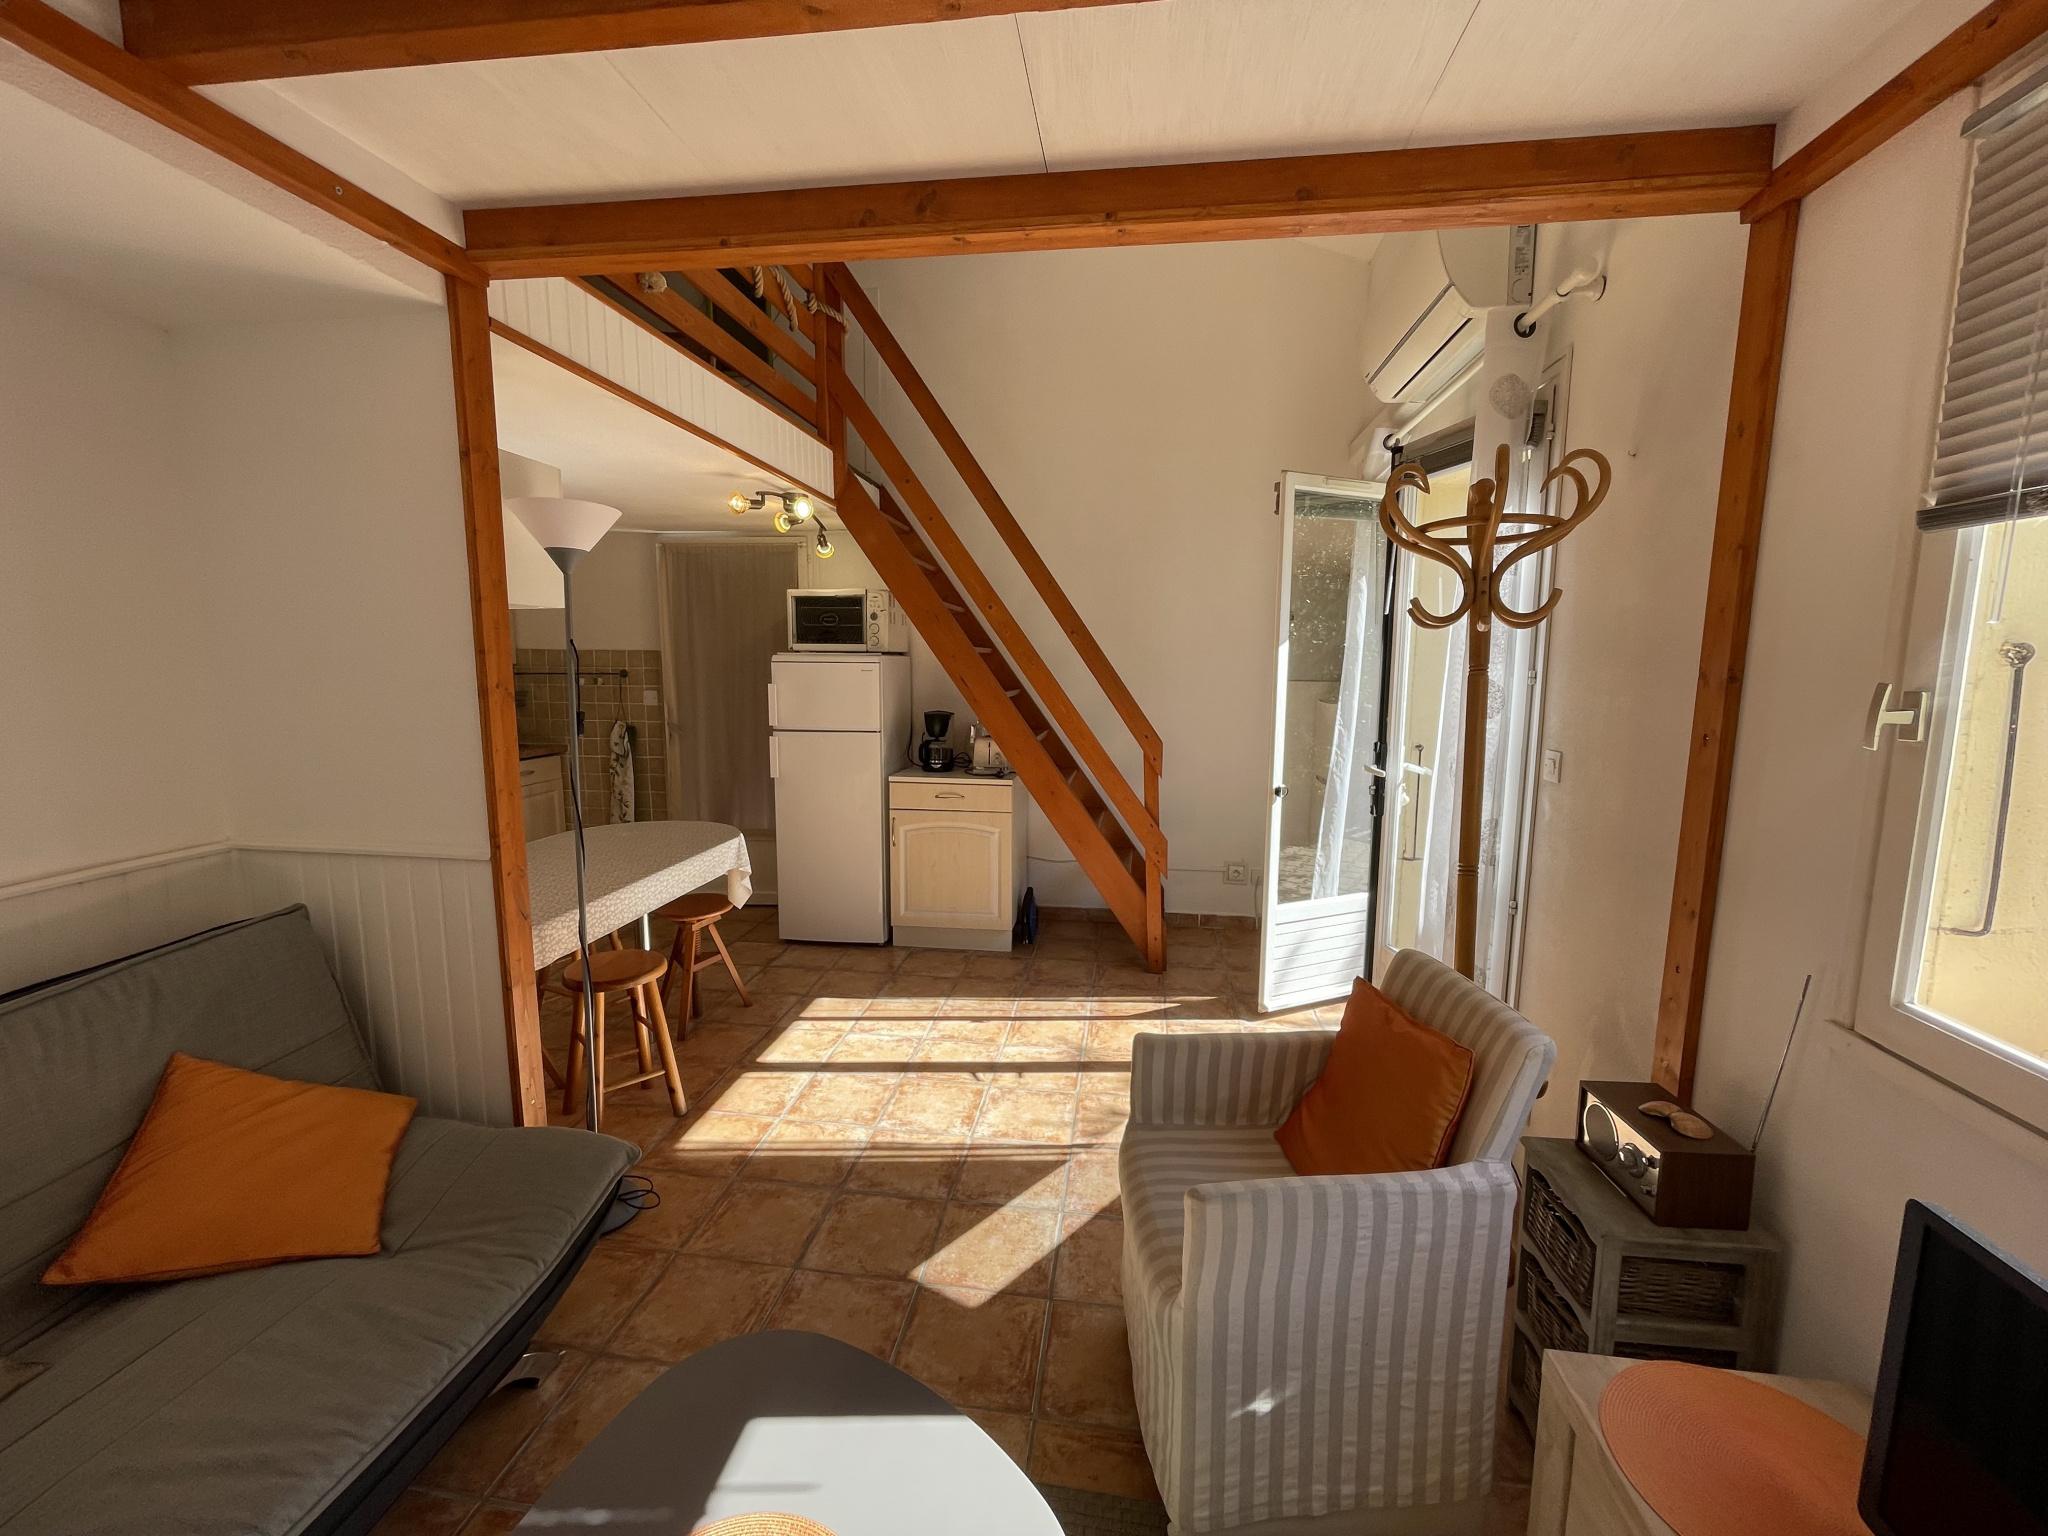 À vendre maison/villa de 44m2 à argeles plage (66700) - Photo 5'